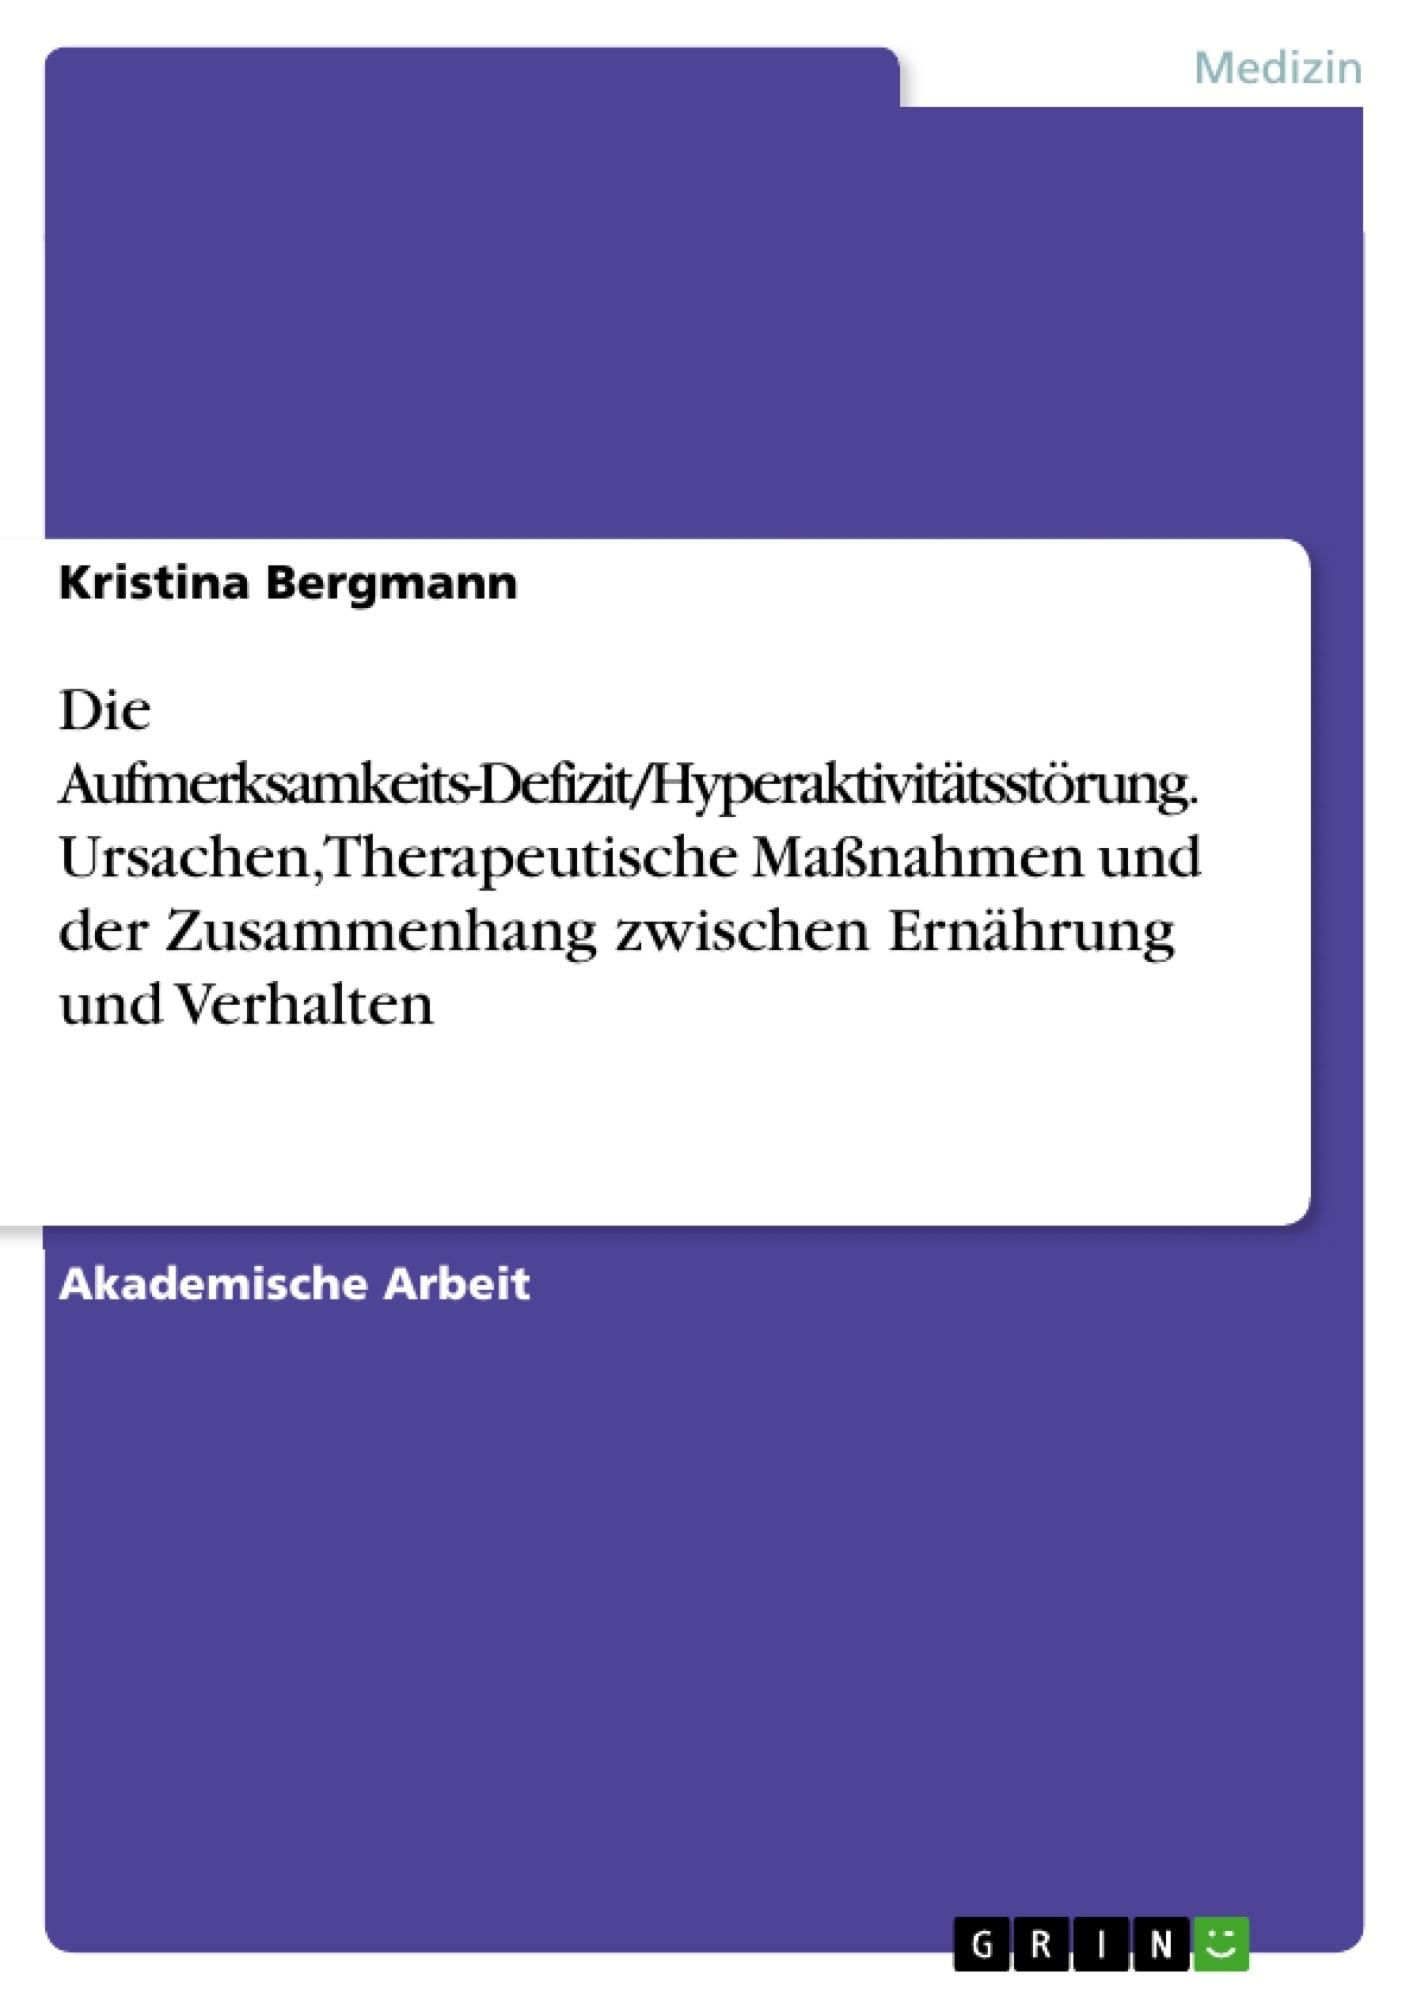 Titel: Die Aufmerksamkeits-Defizit/Hyperaktivitätsstörung. Ursachen, Therapeutische Maßnahmen und der Zusammenhang zwischen Ernährung und Verhalten